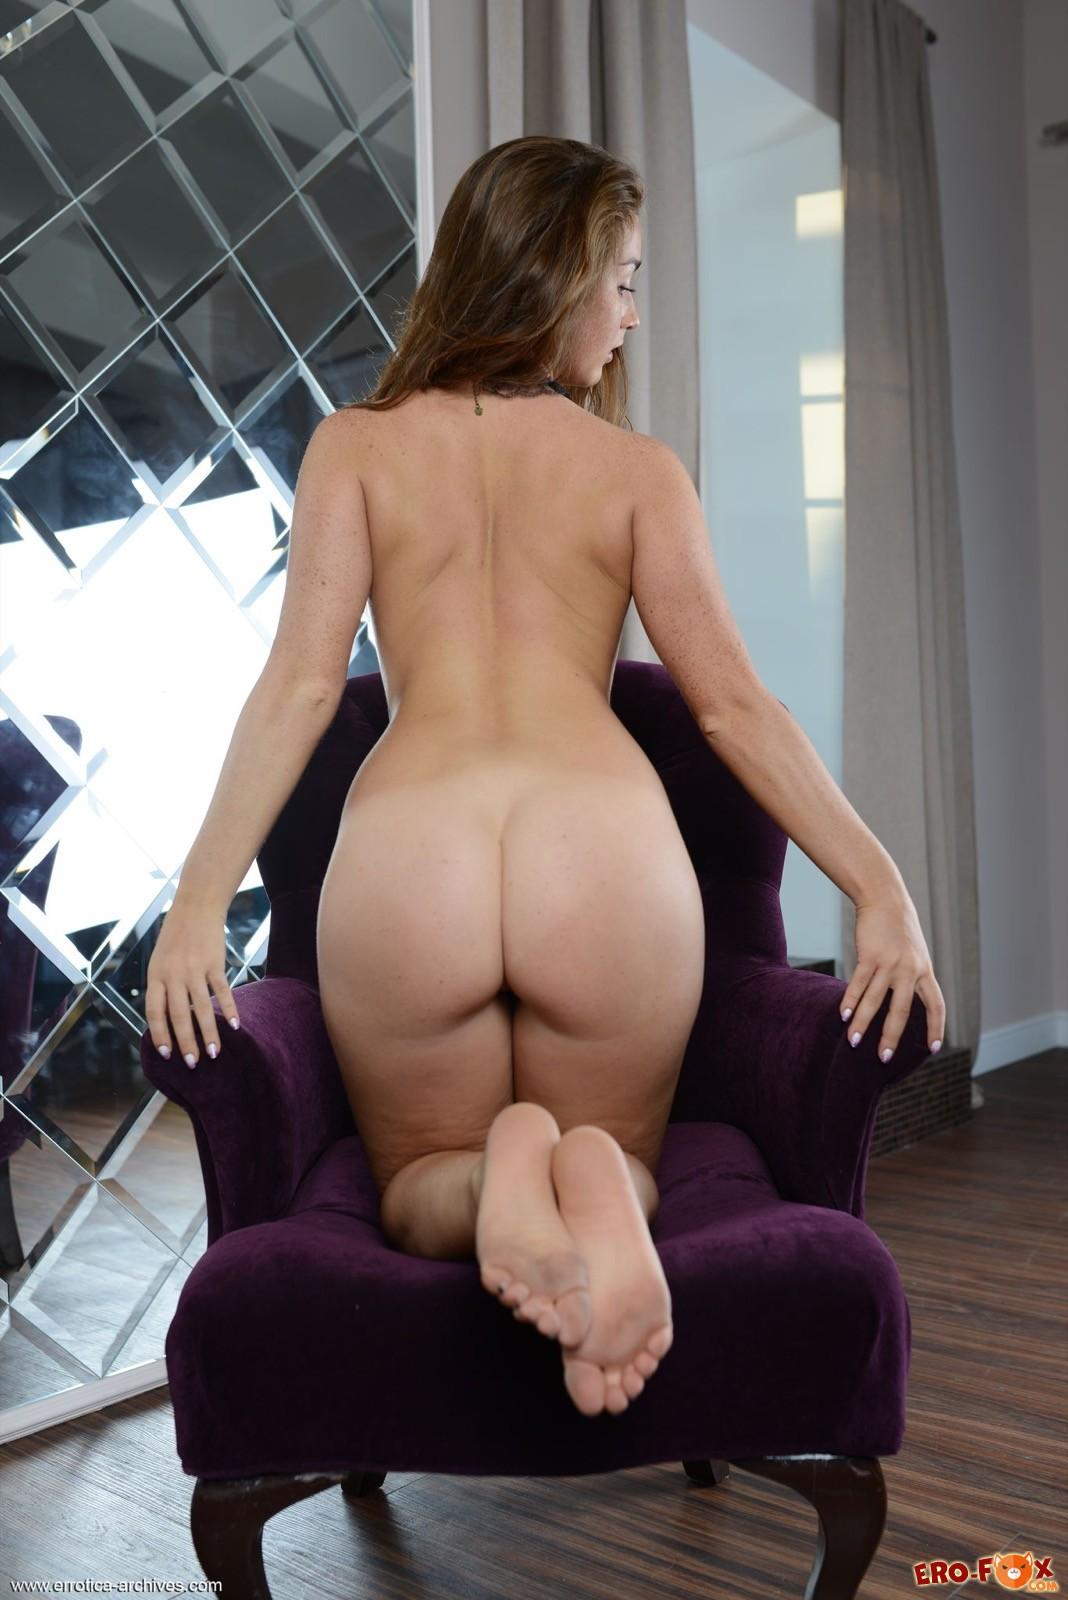 Секси девка показала крупную попу в кресле - фото